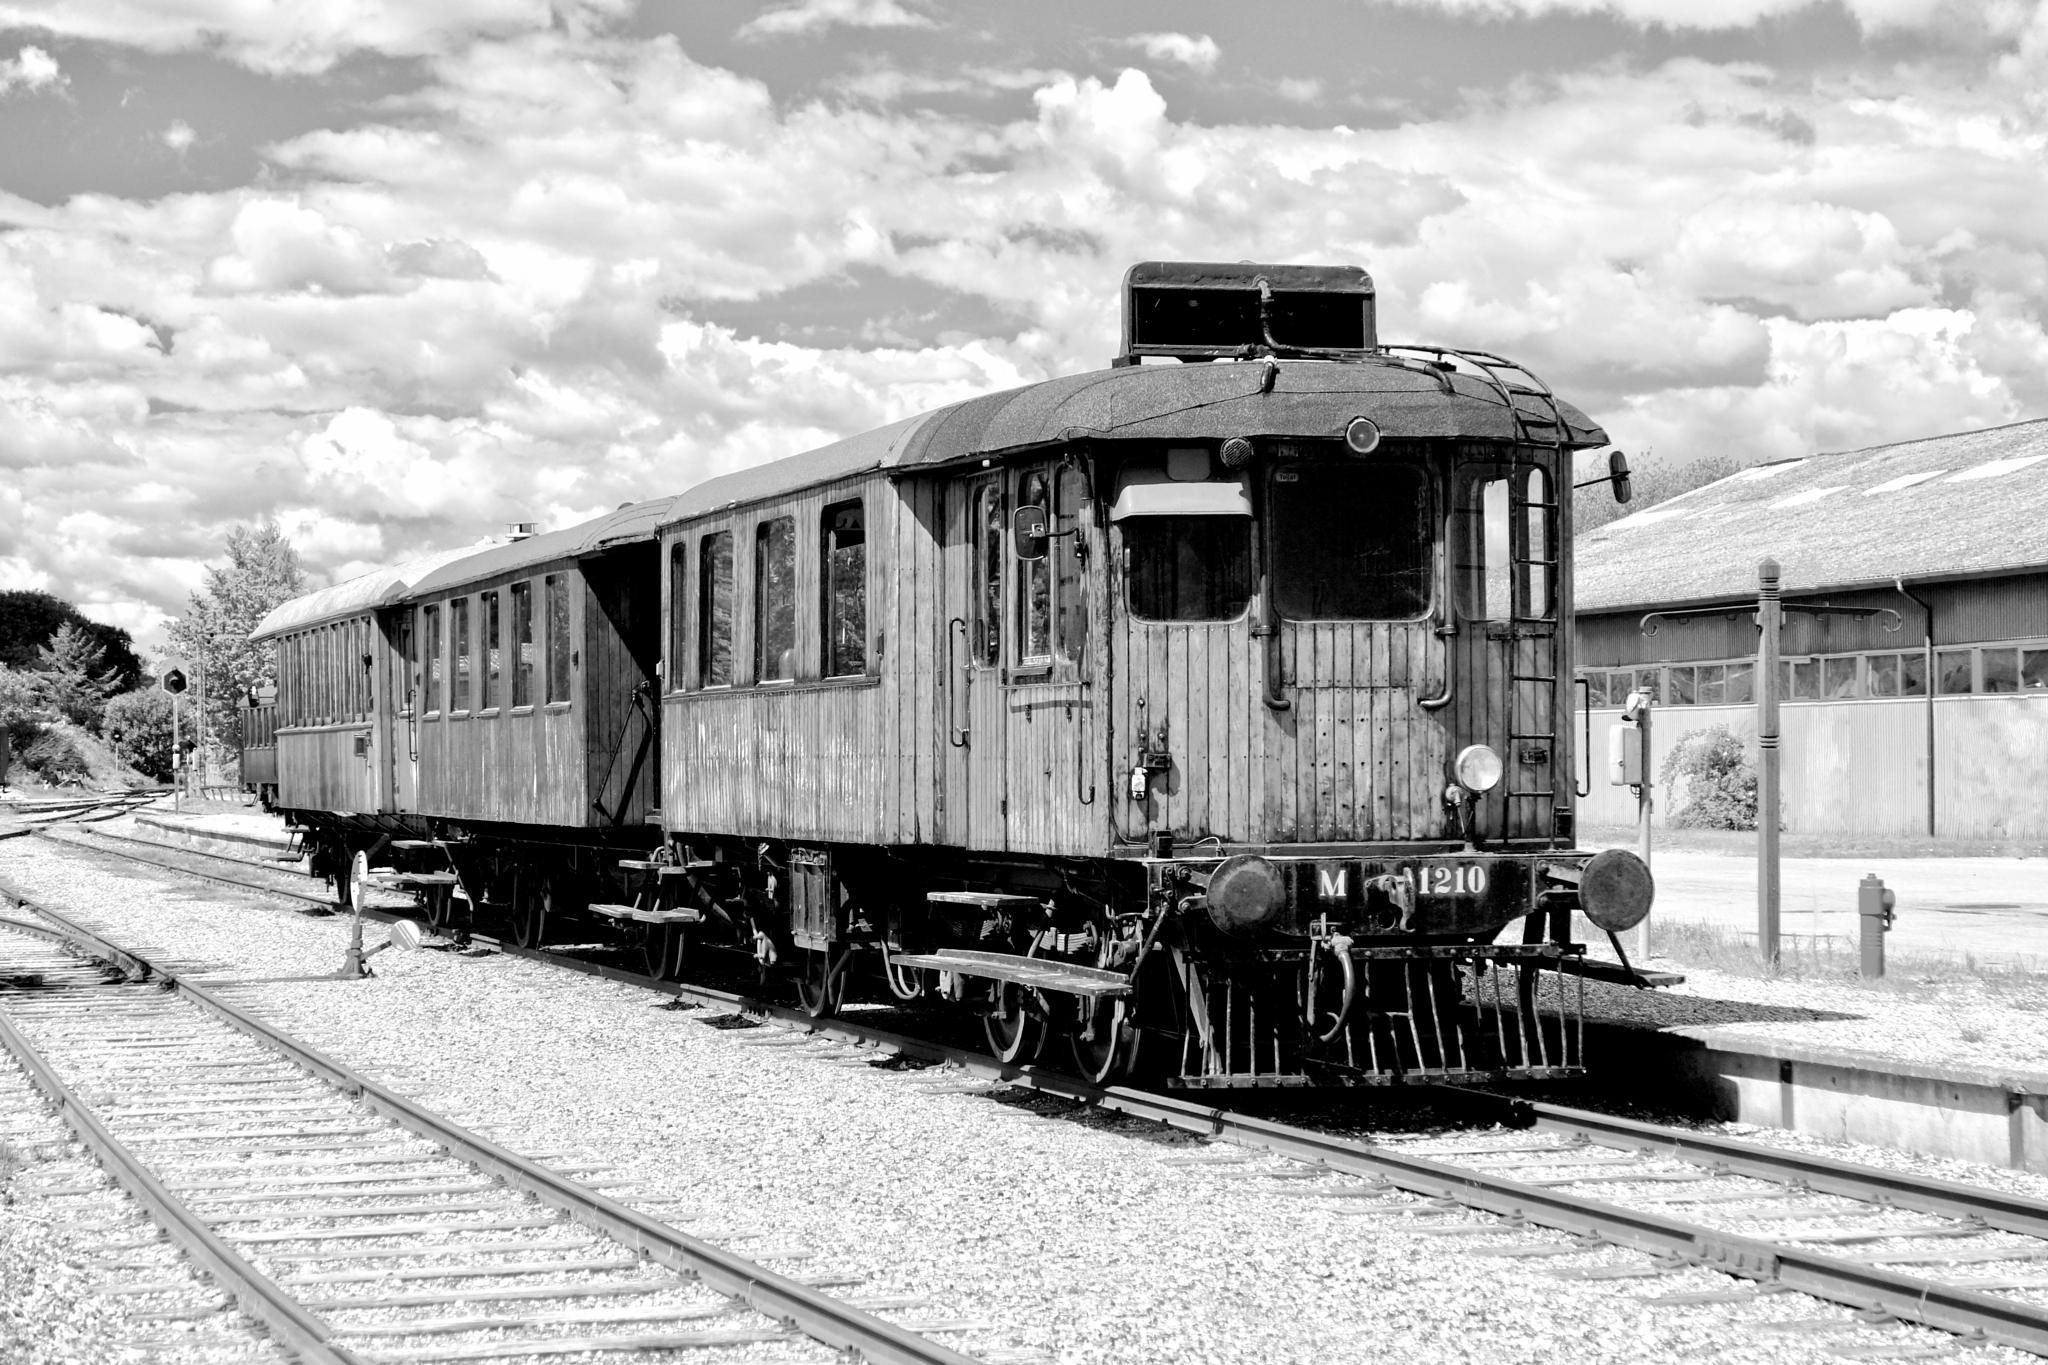 Old Train by PoulErikVistoftNielsen